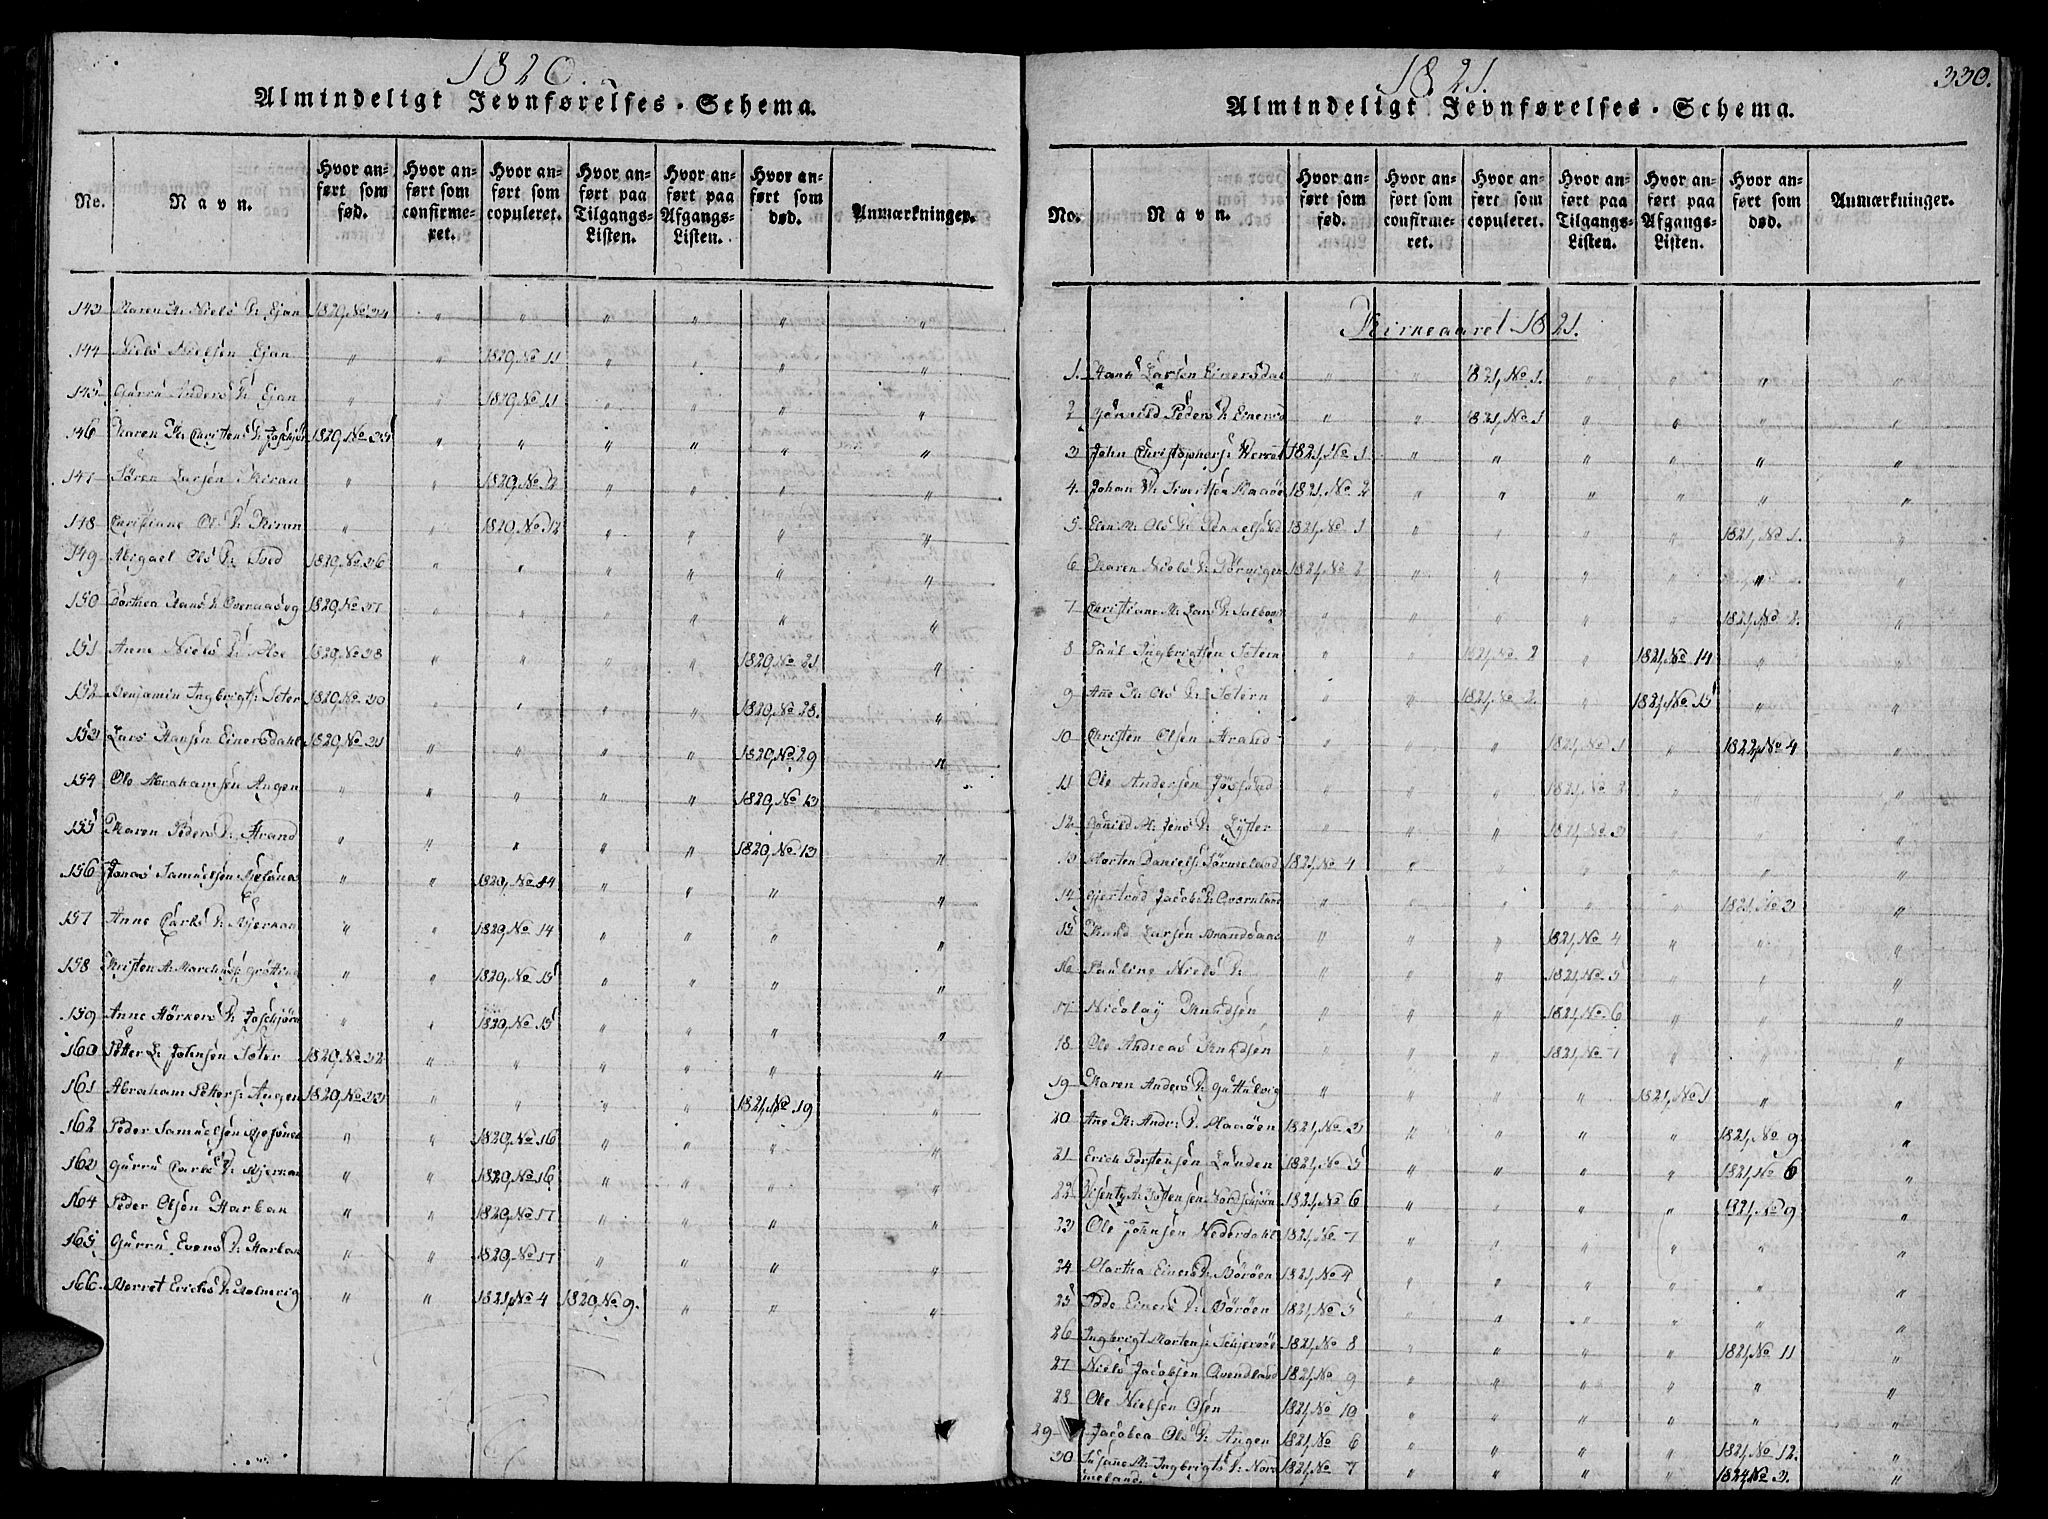 SAT, Ministerialprotokoller, klokkerbøker og fødselsregistre - Sør-Trøndelag, 657/L0702: Ministerialbok nr. 657A03, 1818-1831, s. 330